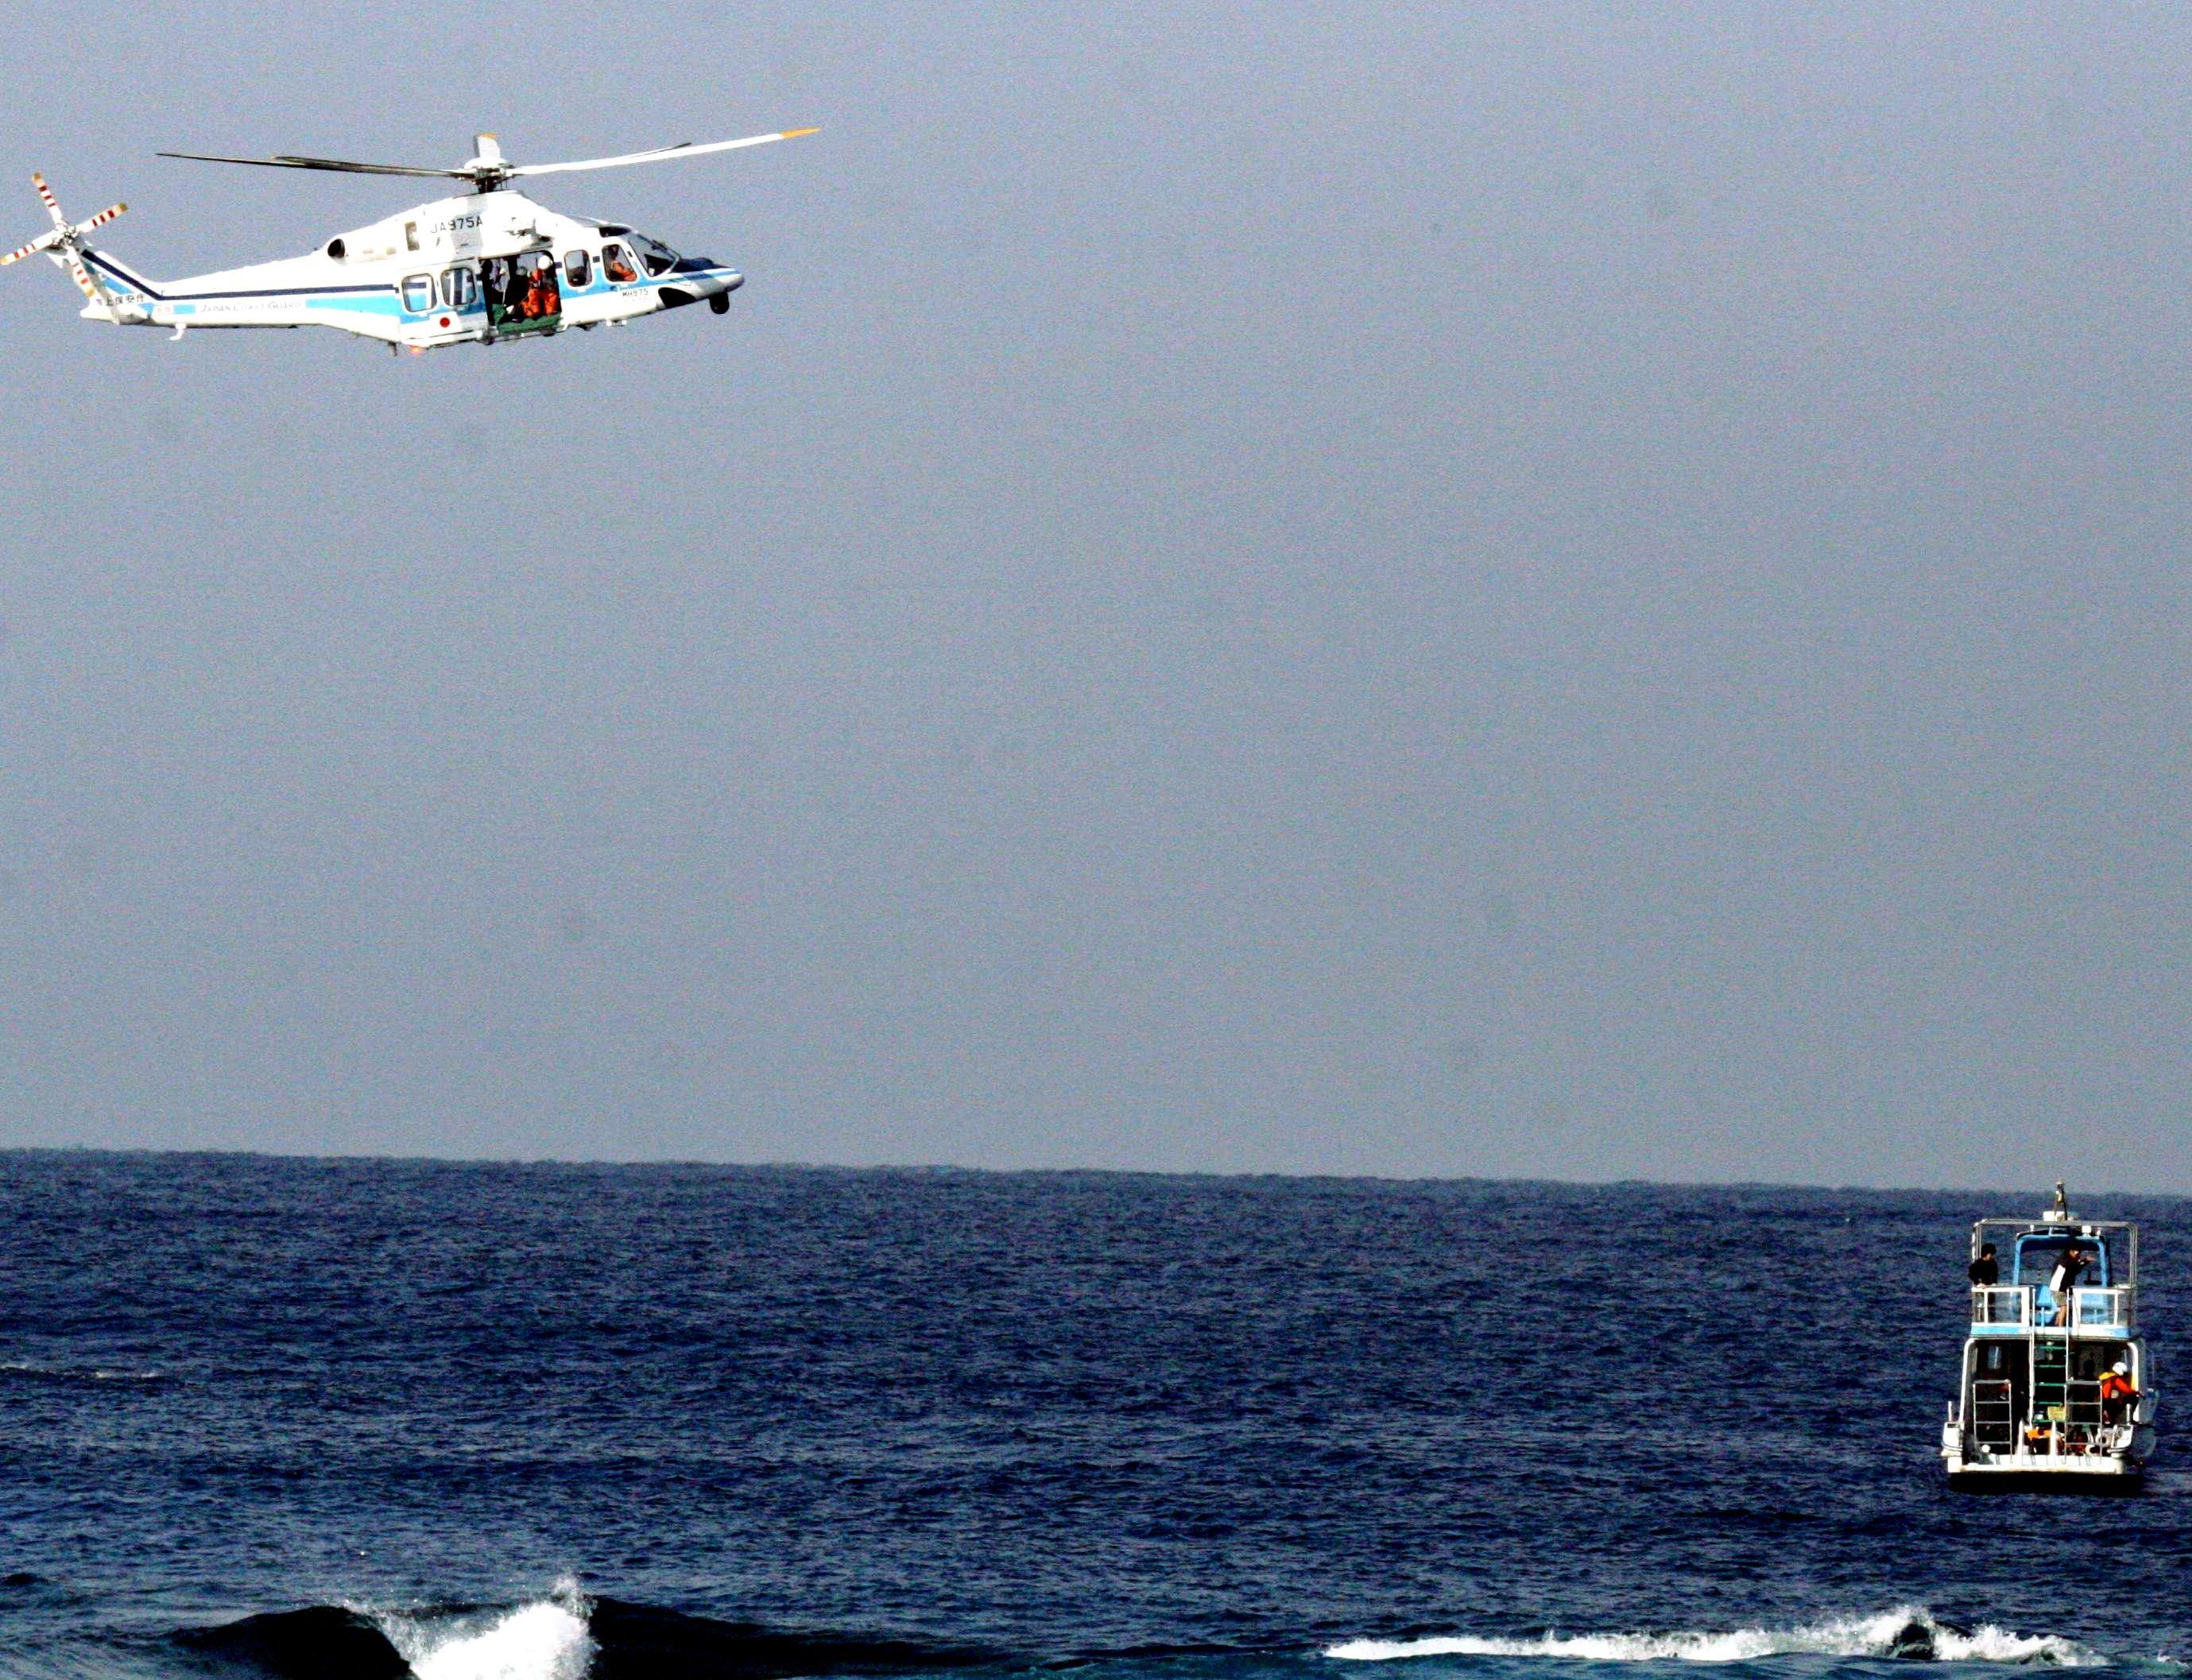 「離岸流に流された」ダイビング男性、海保ヘリが救出 沖縄・北谷町